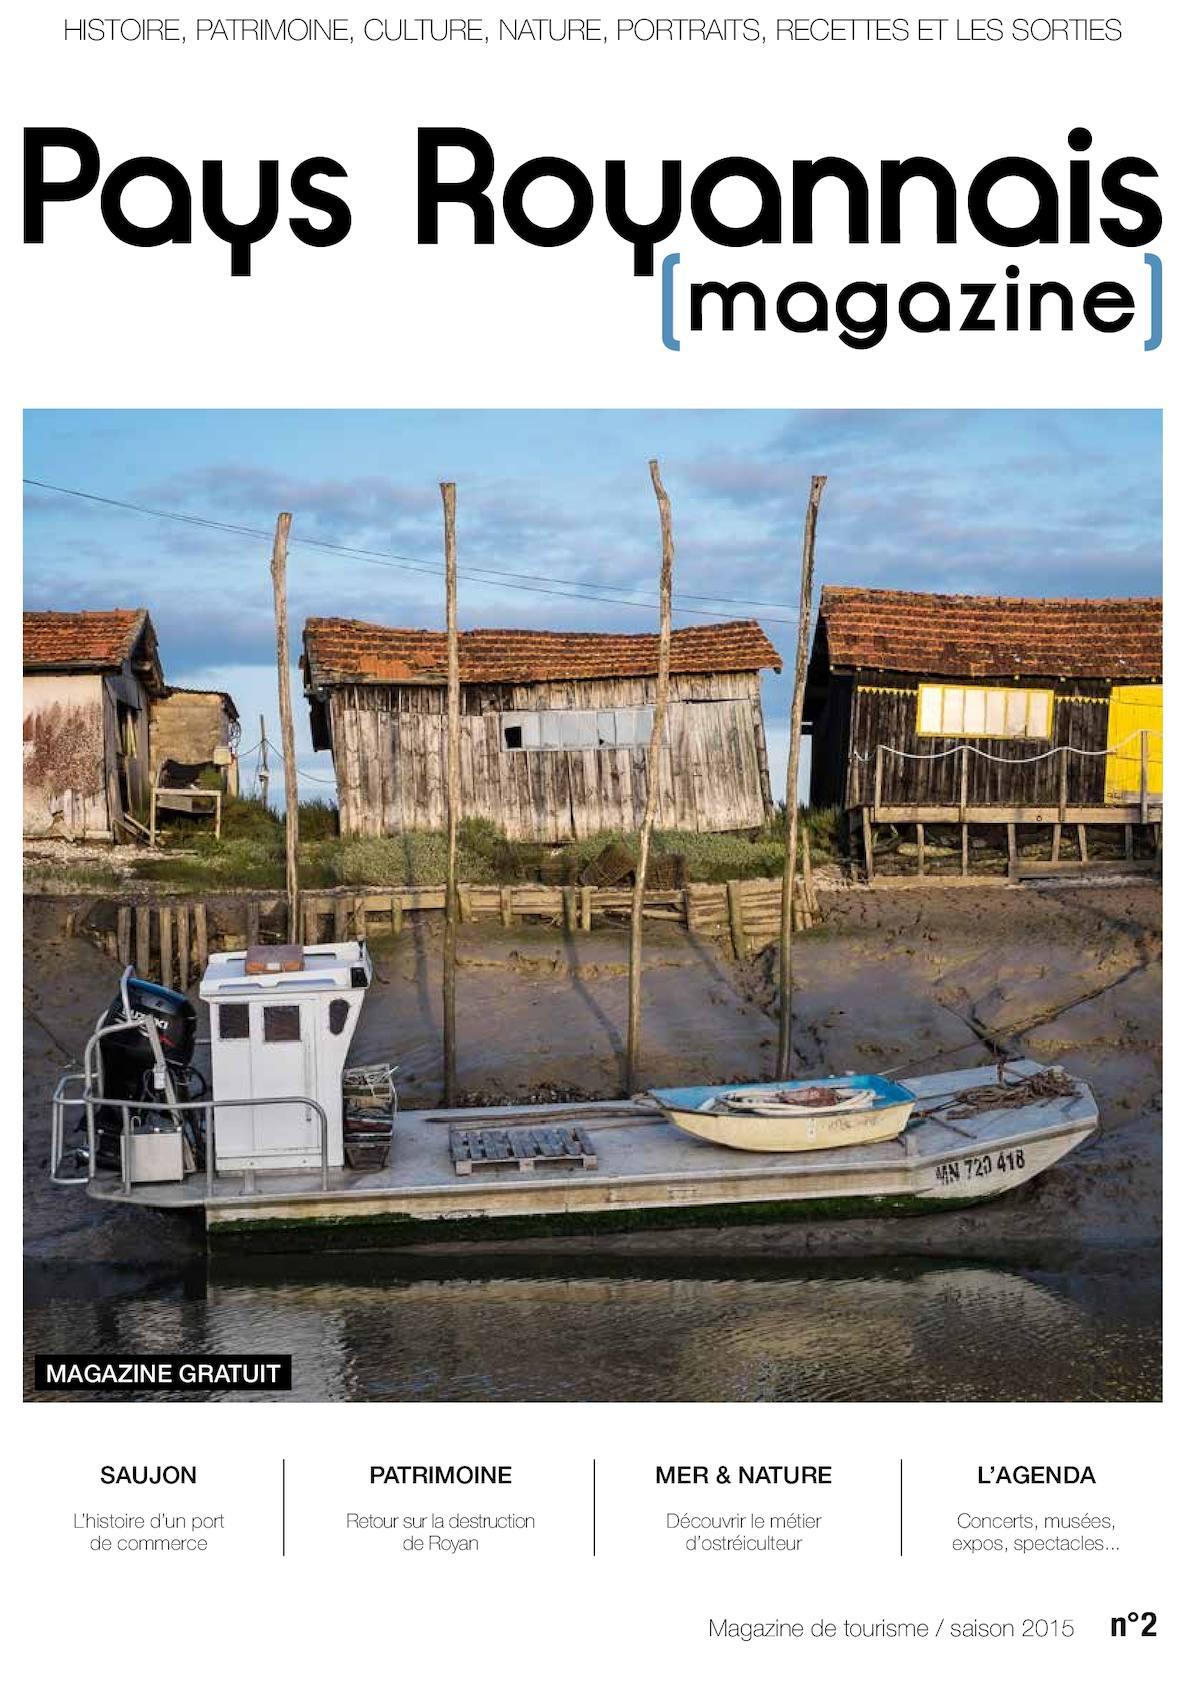 Calam o pays royannais magazine n 2 2015 - Office de tourisme saujon ...